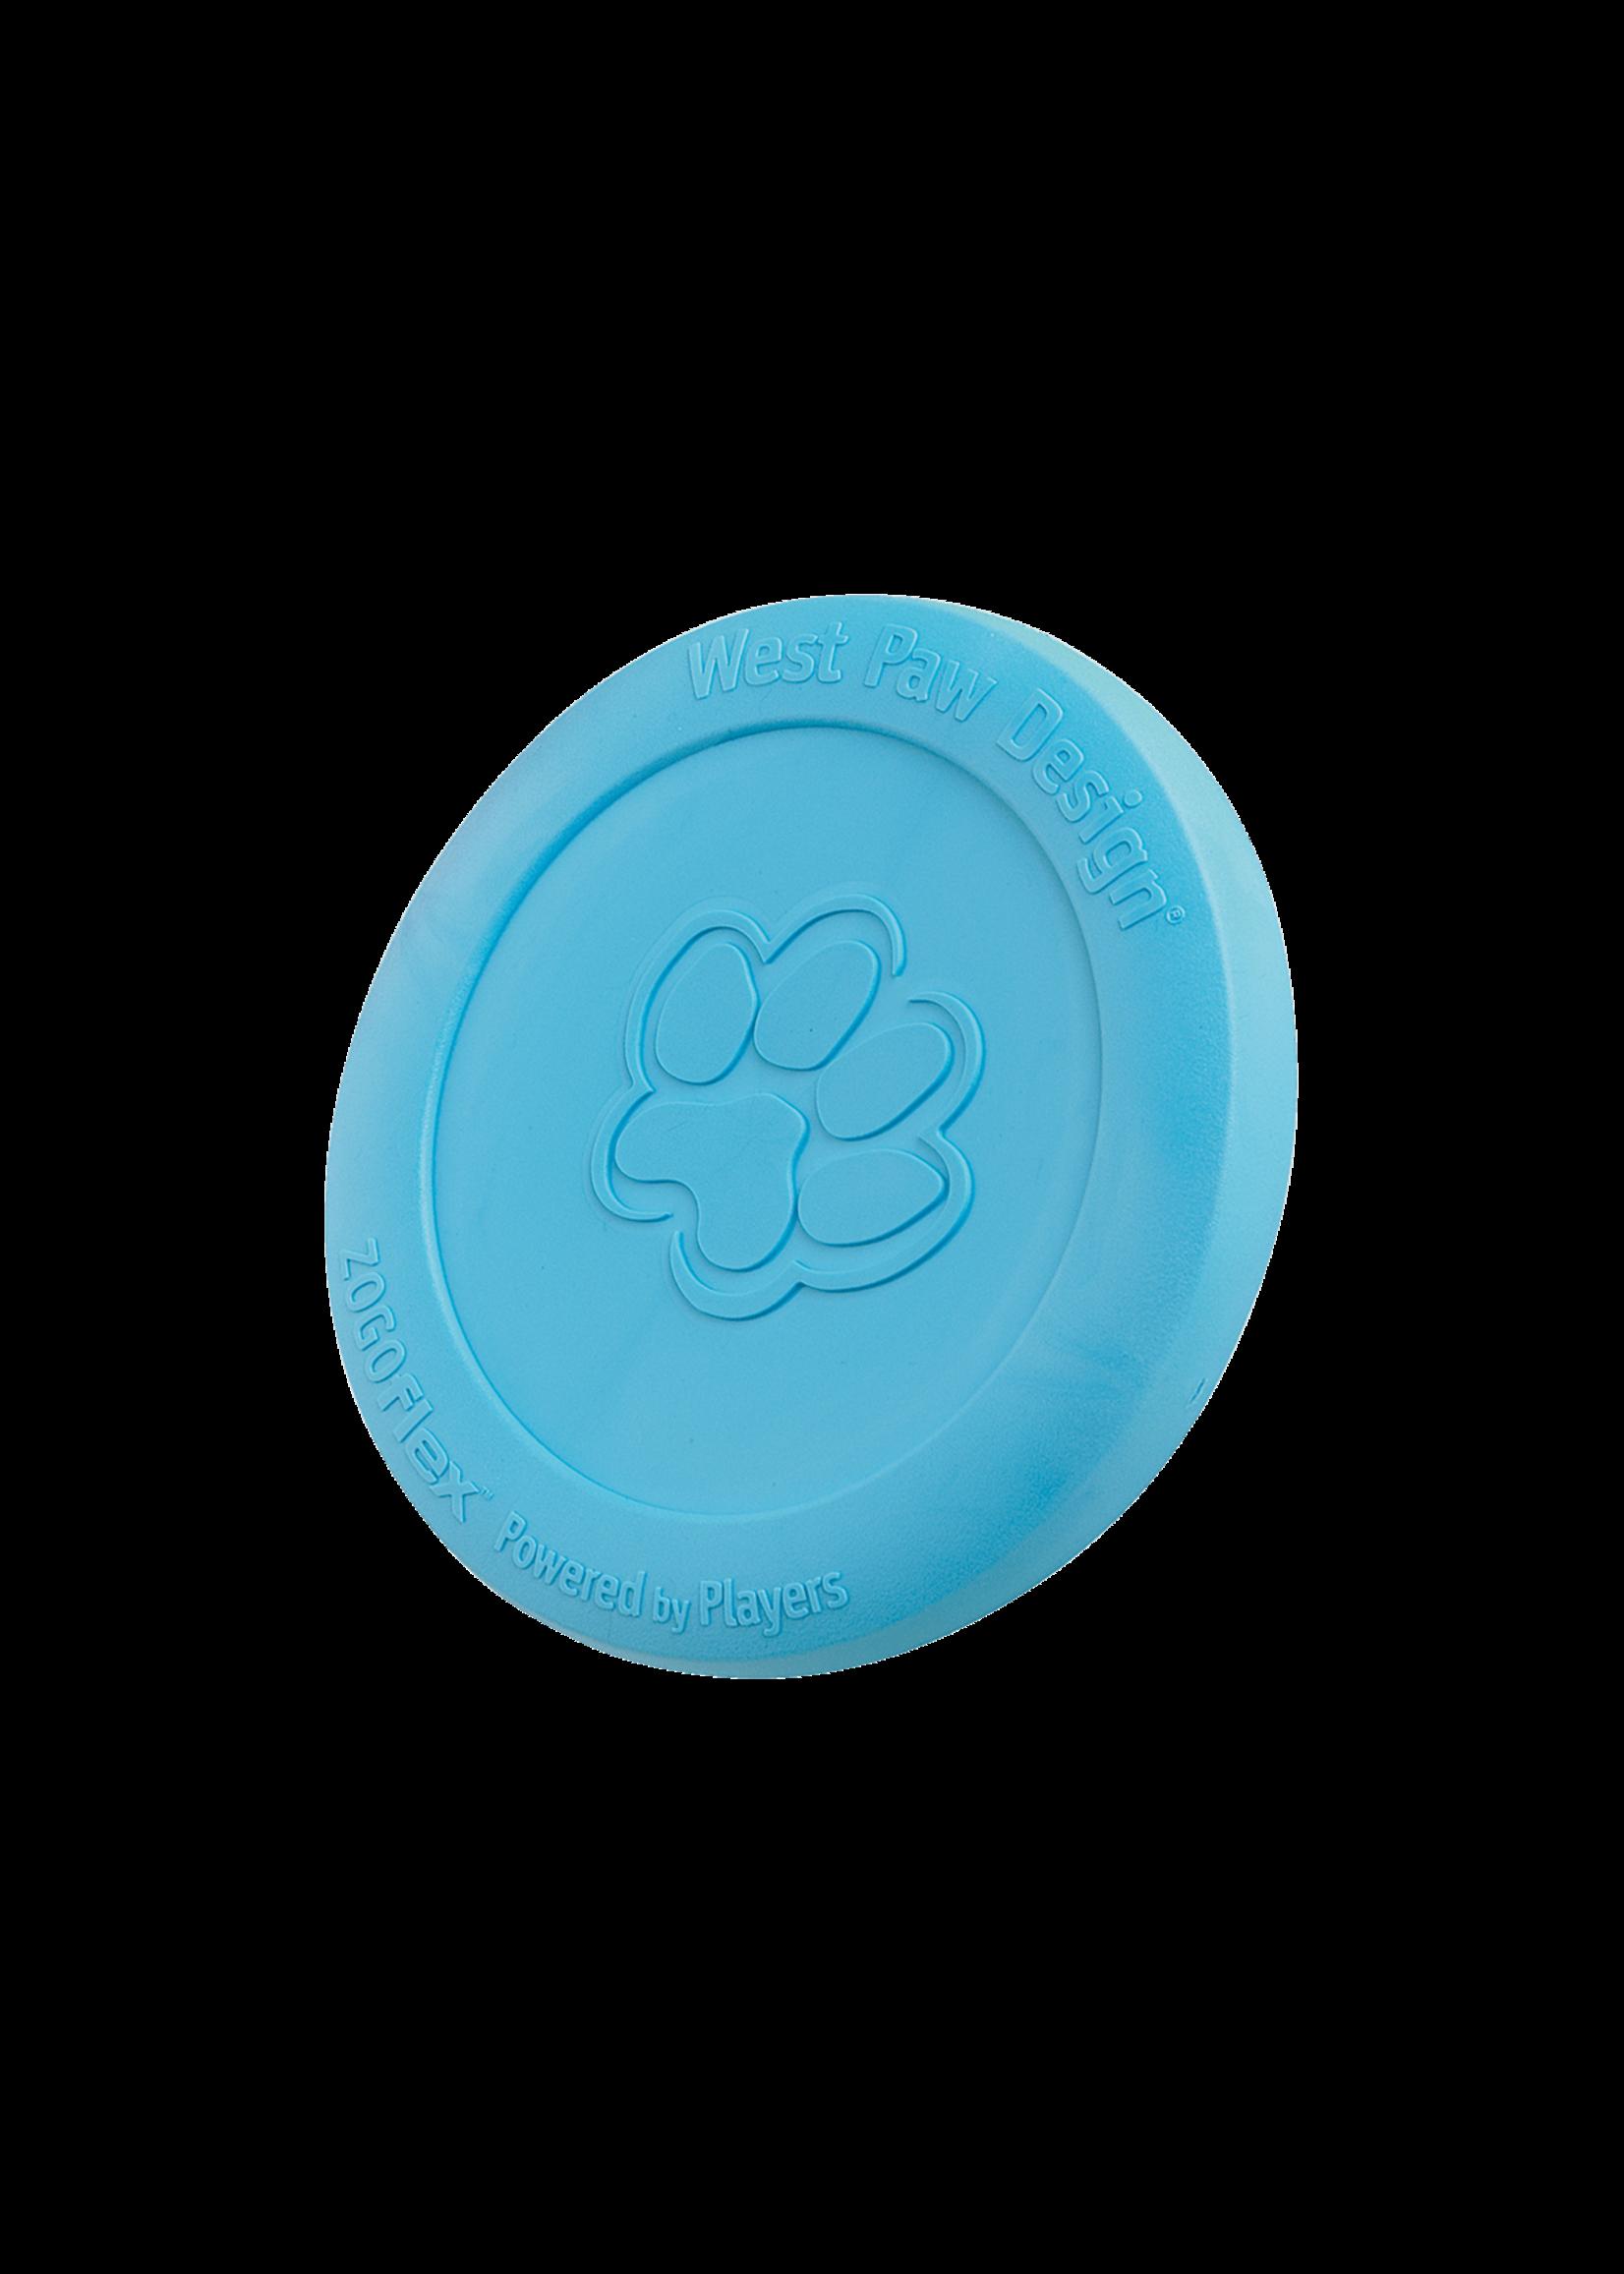 Westpaw West Paw Zisc Dog Toy